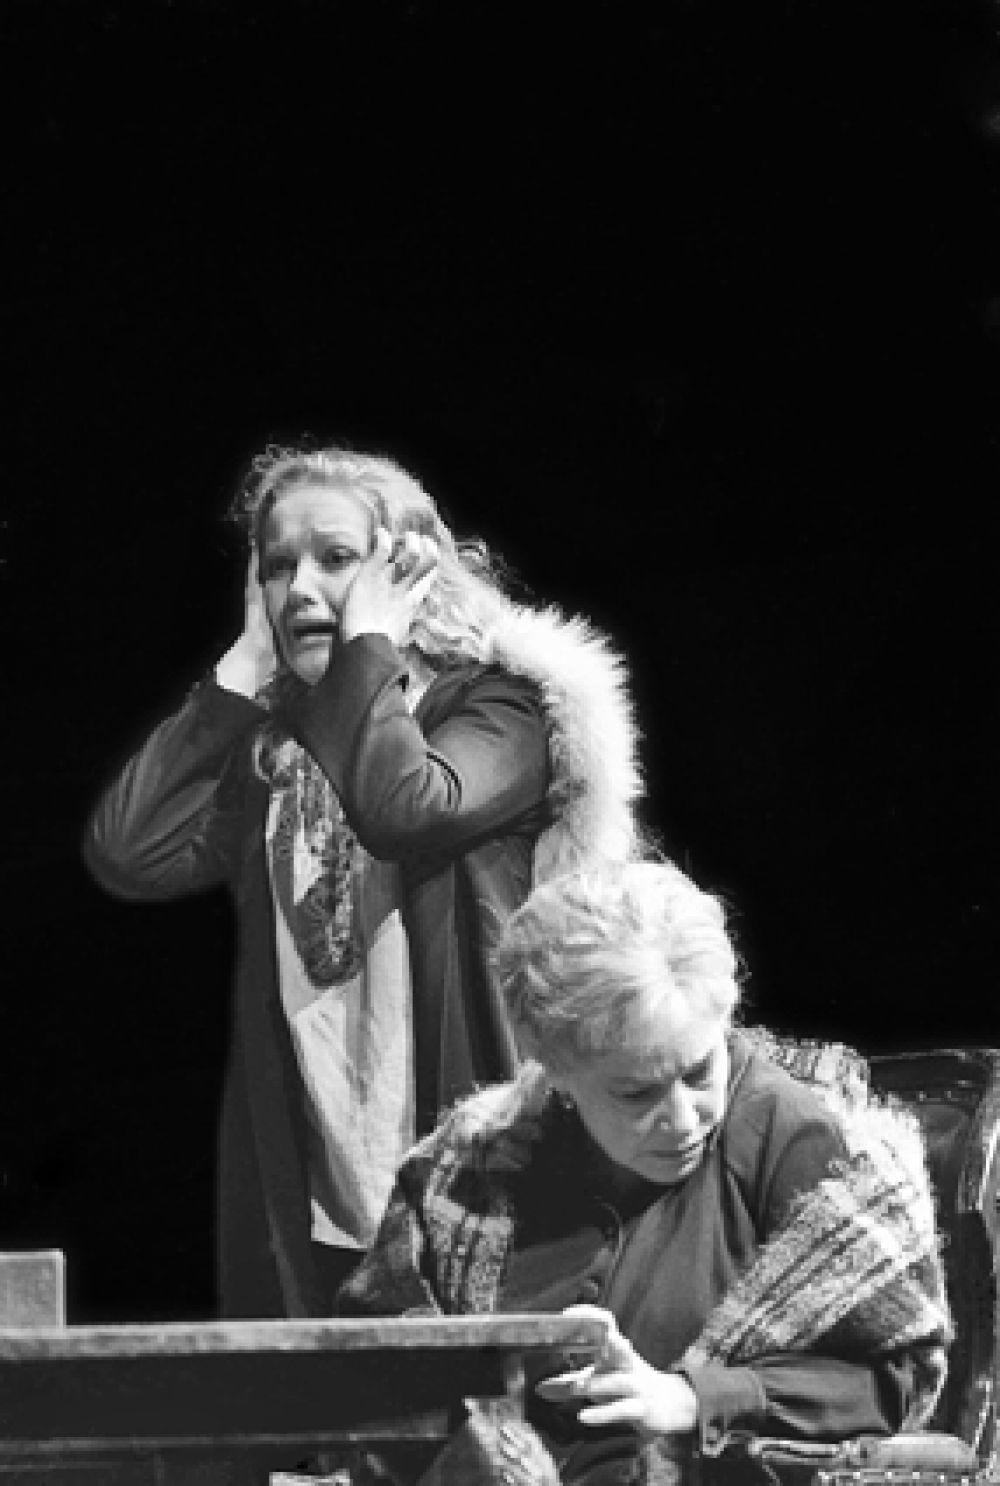 Спектакль по пьесе «Валентин и Валентина» в постановке МХАТ имени Горького. В ролях - Елена Проклова (слева) и Софья Пилявская, 1978 год.